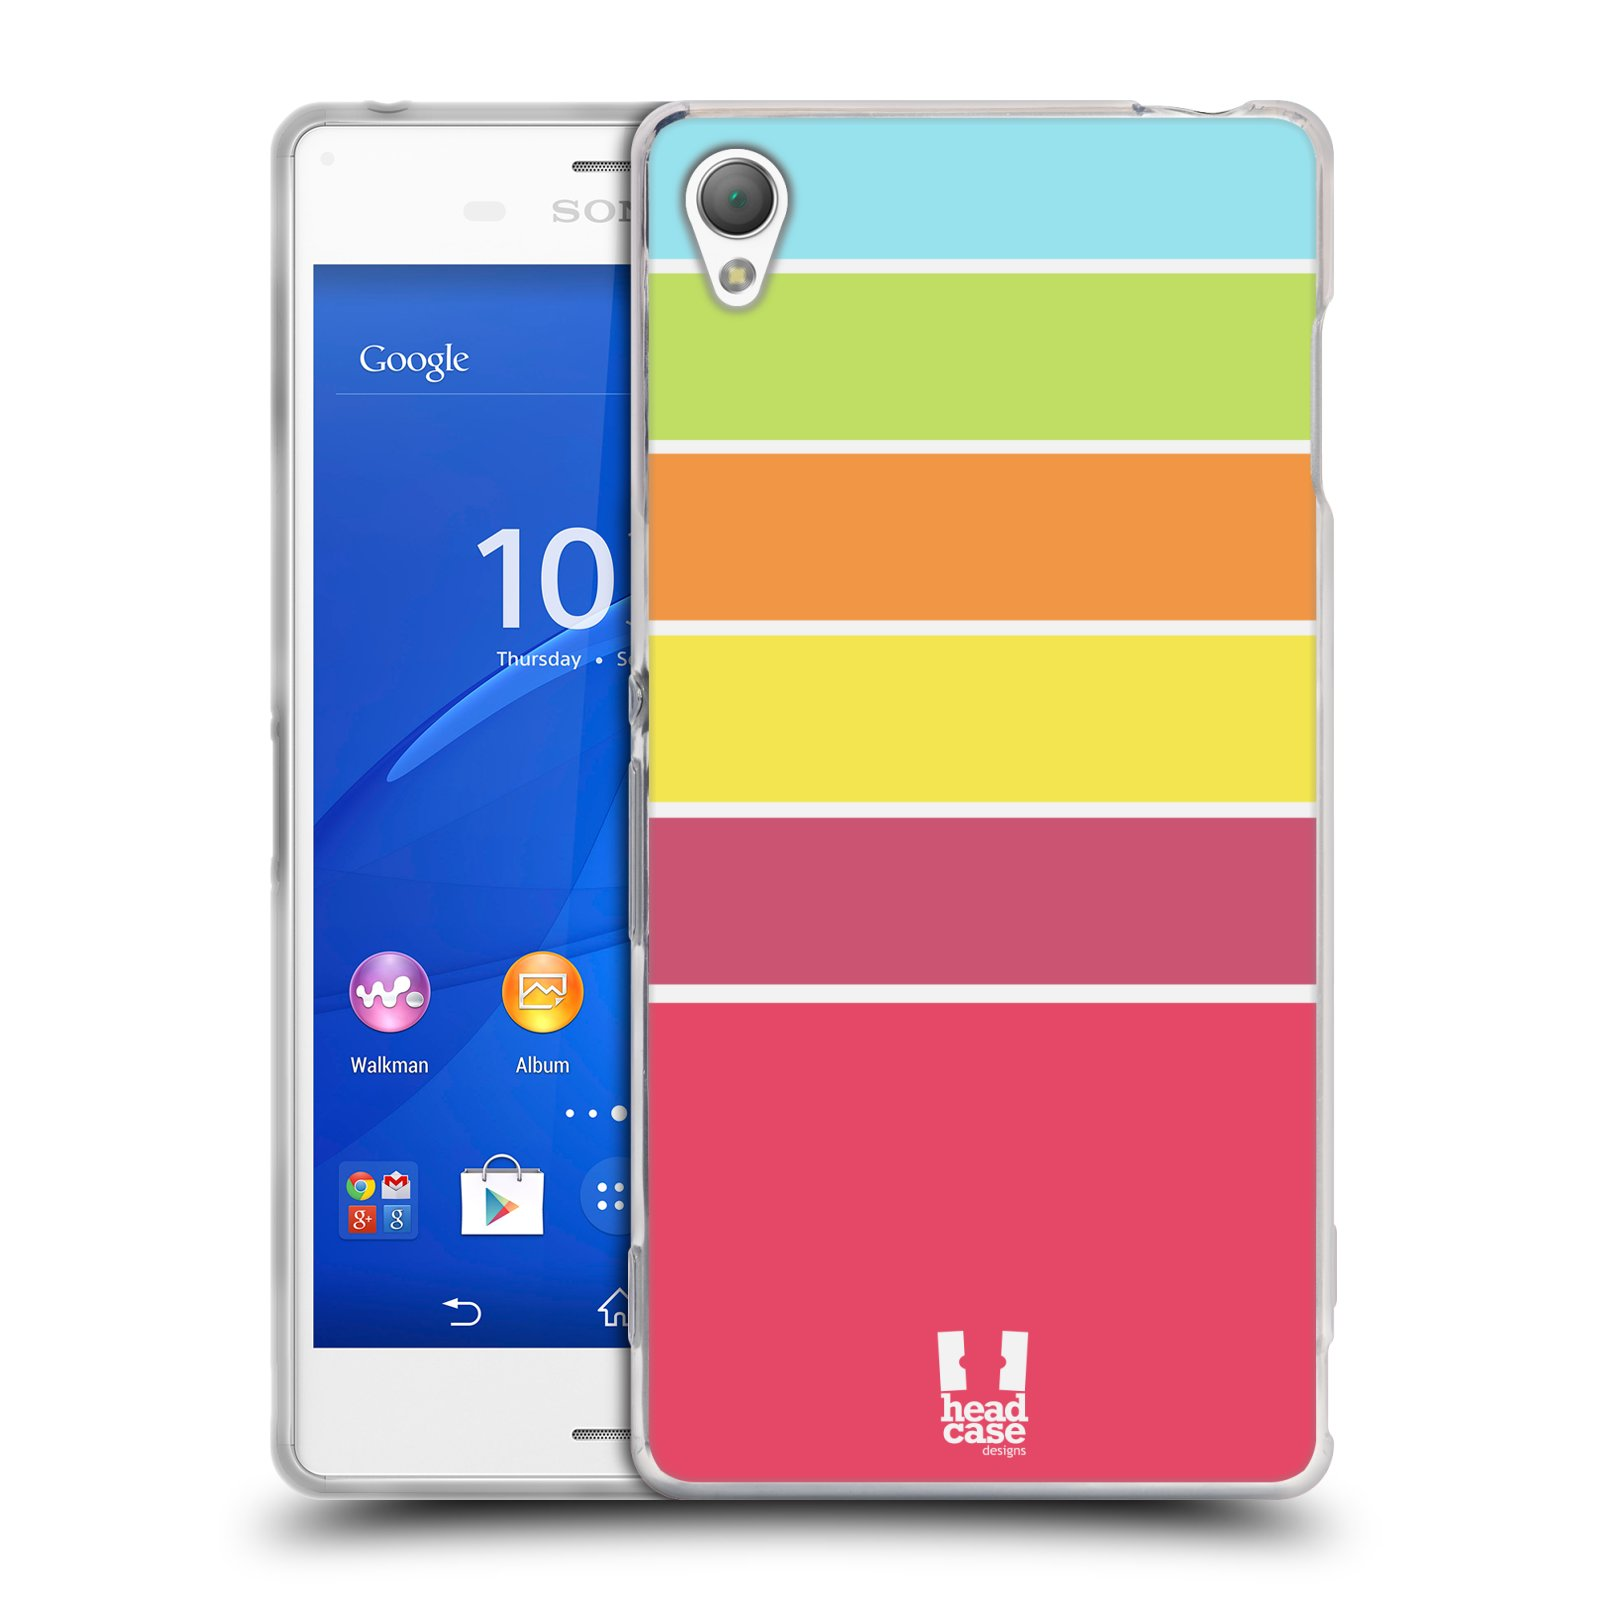 HEAD CASE silikonový obal na mobil Sony Xperia Z3 vzor Barevné proužky RŮŽOVÁ, ORANŽOVÁ, ZELENÁ